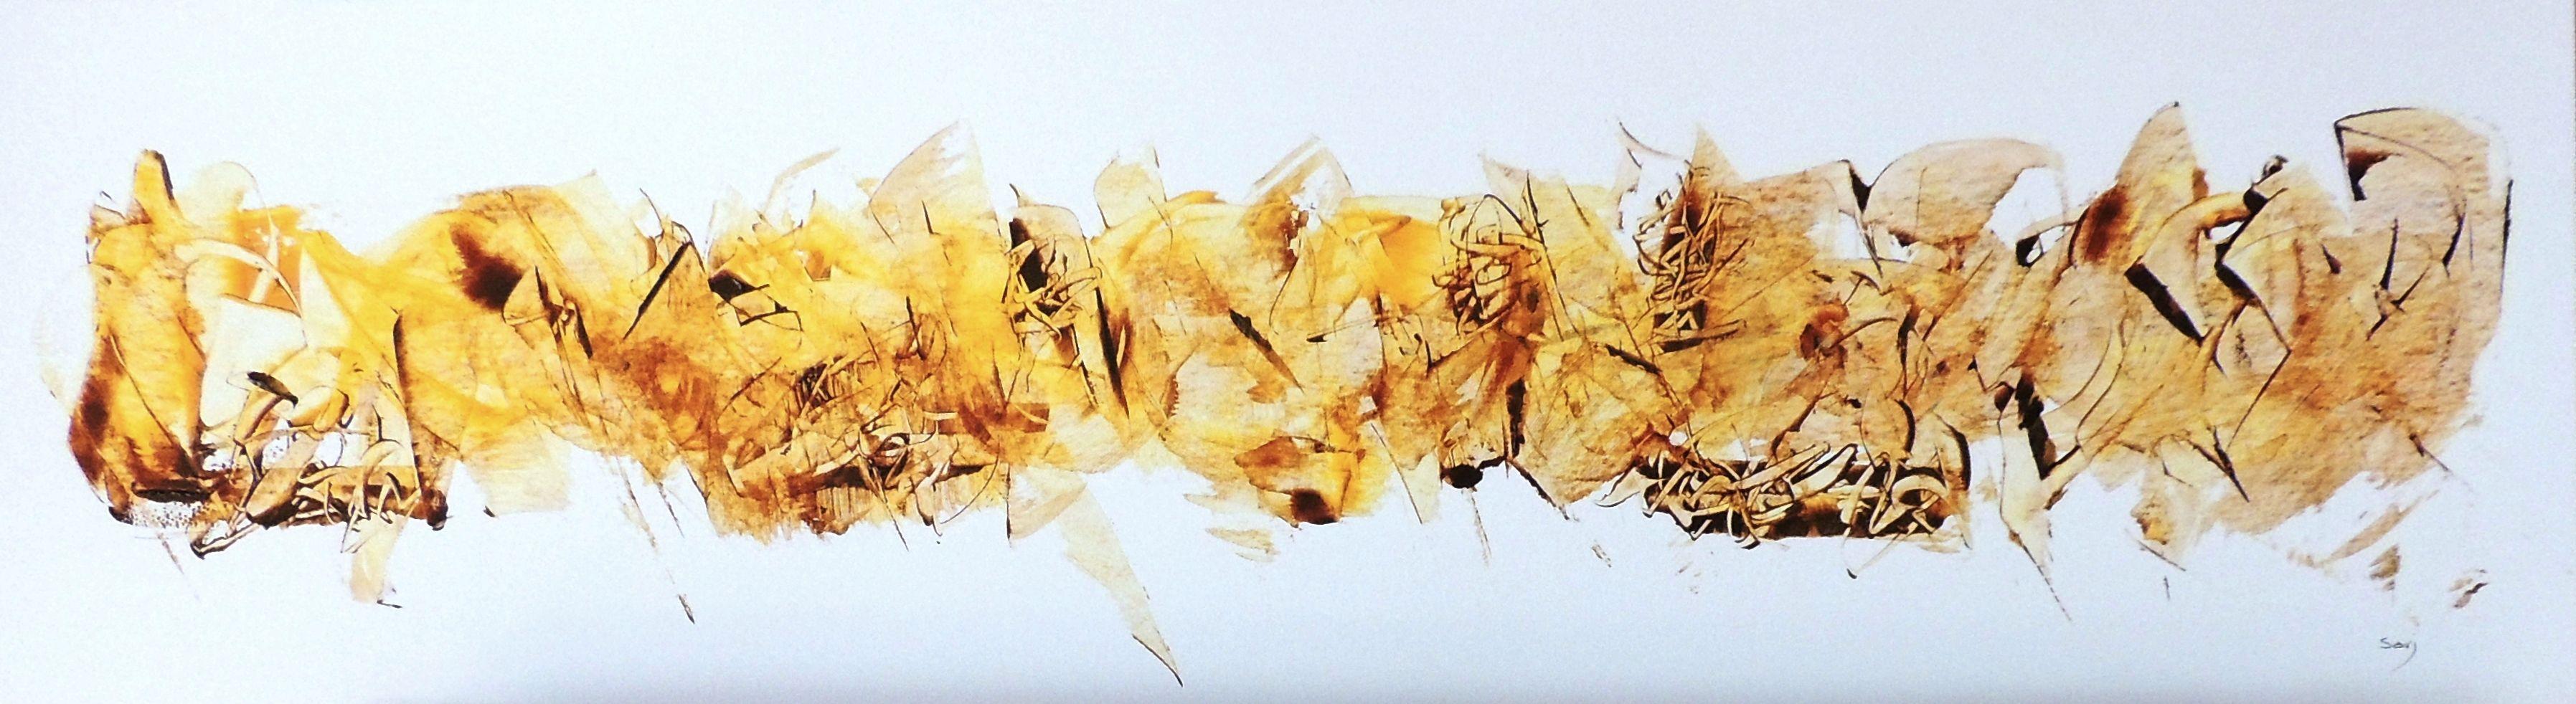 jean claude savi peinture acrylique sur papier 3